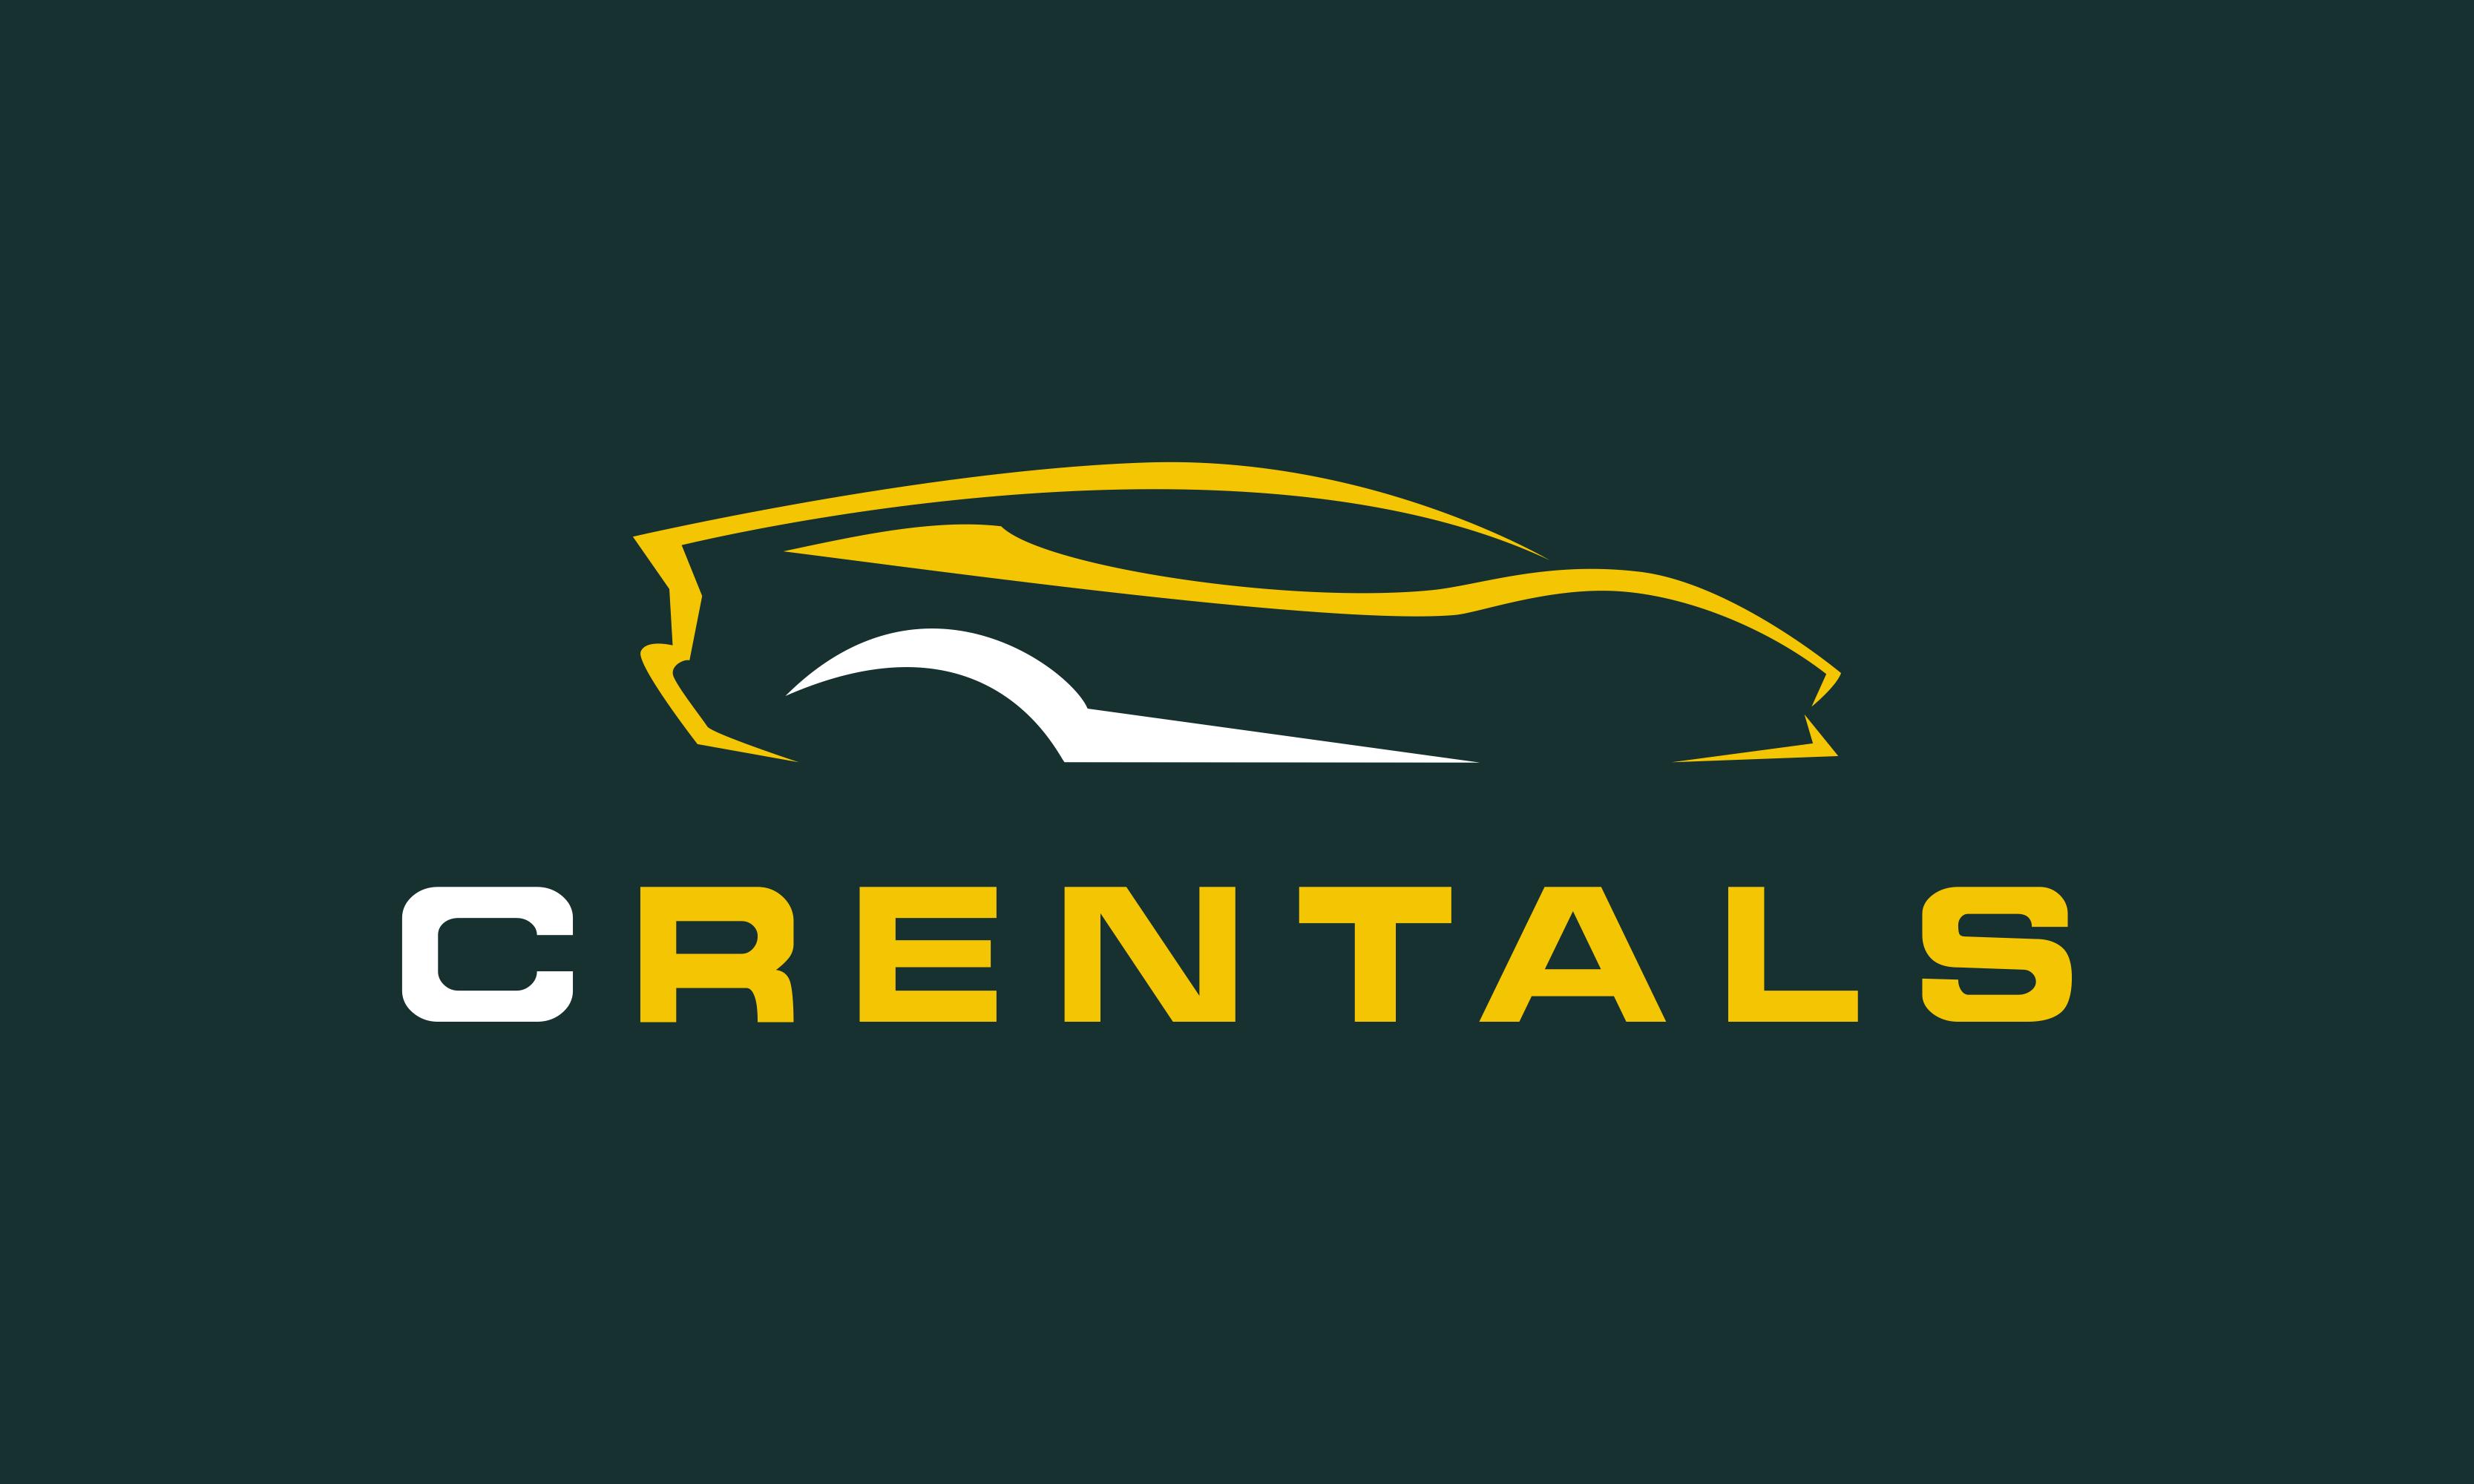 Crentals